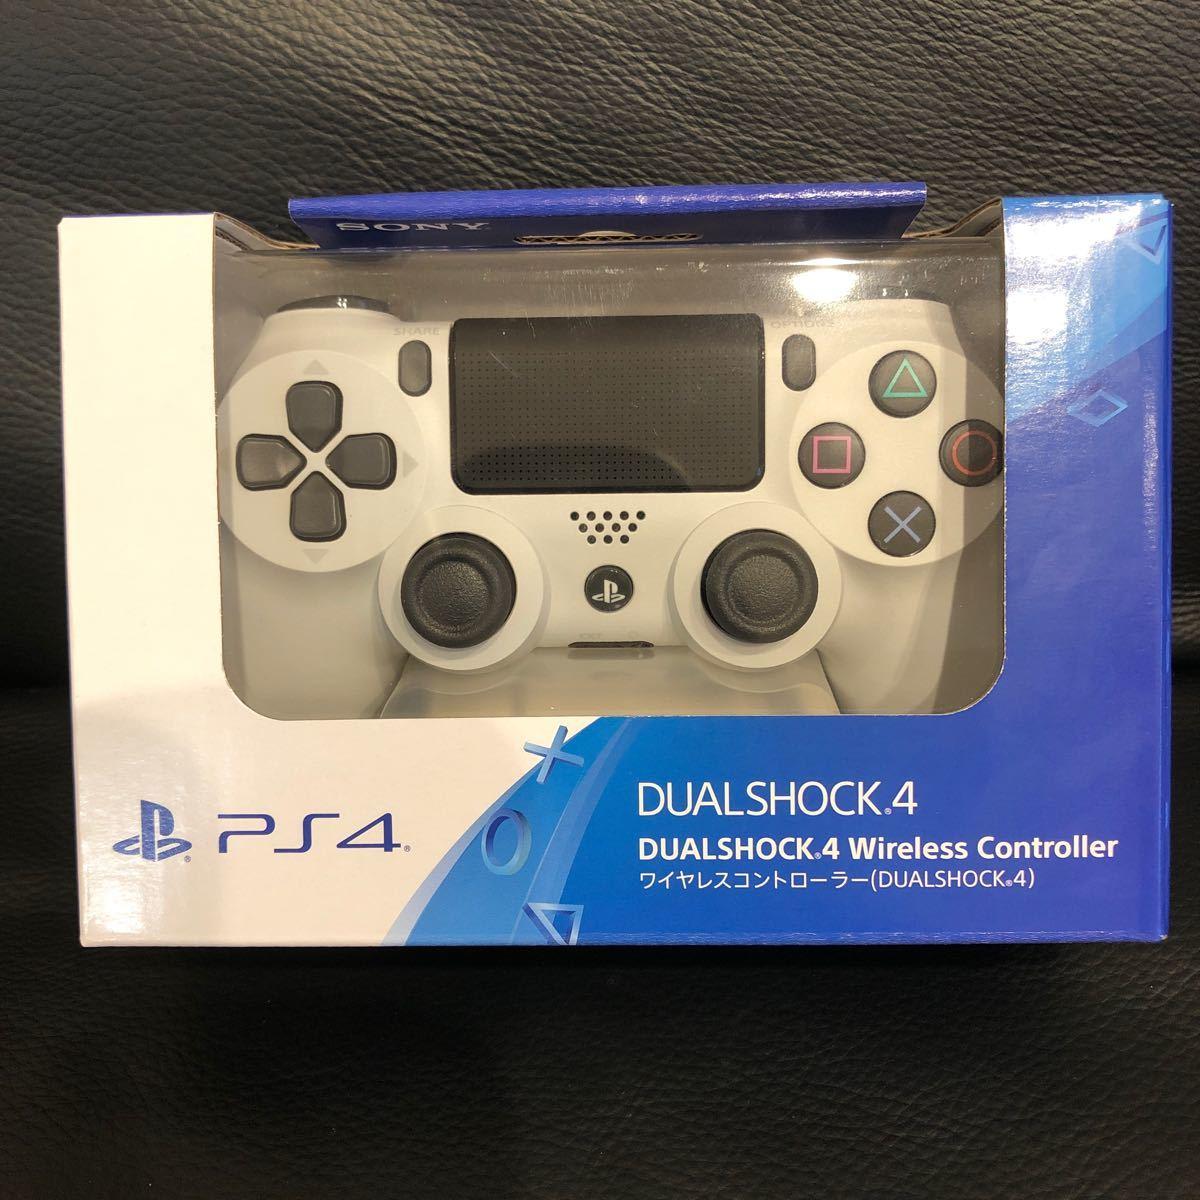 PS4 ワイヤレスコントローラー(DUALSHOCK4) CUH-ZCT2J11 ホワイト